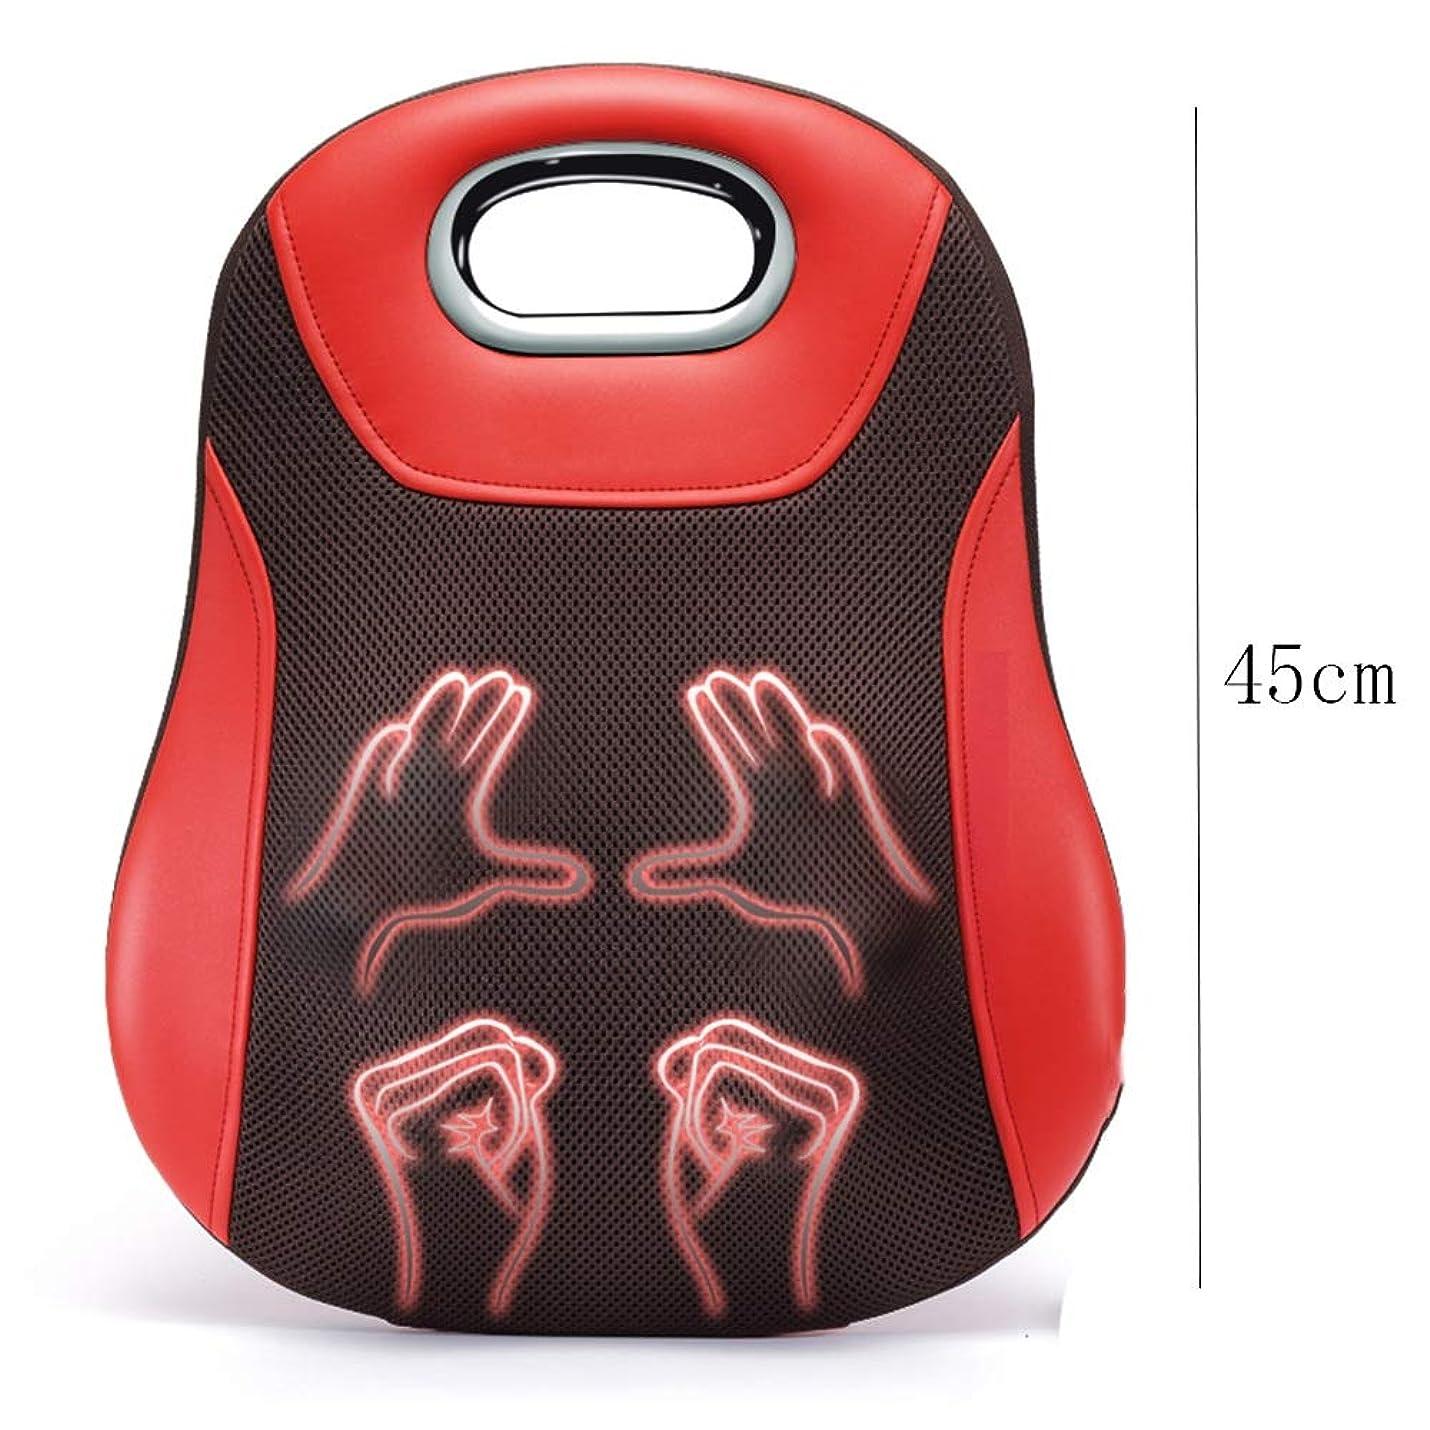 笑パブかどうかマッサージクッション - 首のウエストバックヒップチャージスマートワイヤレス用ホームオフィスカーマッサージクッションマッサージクッション付き熱